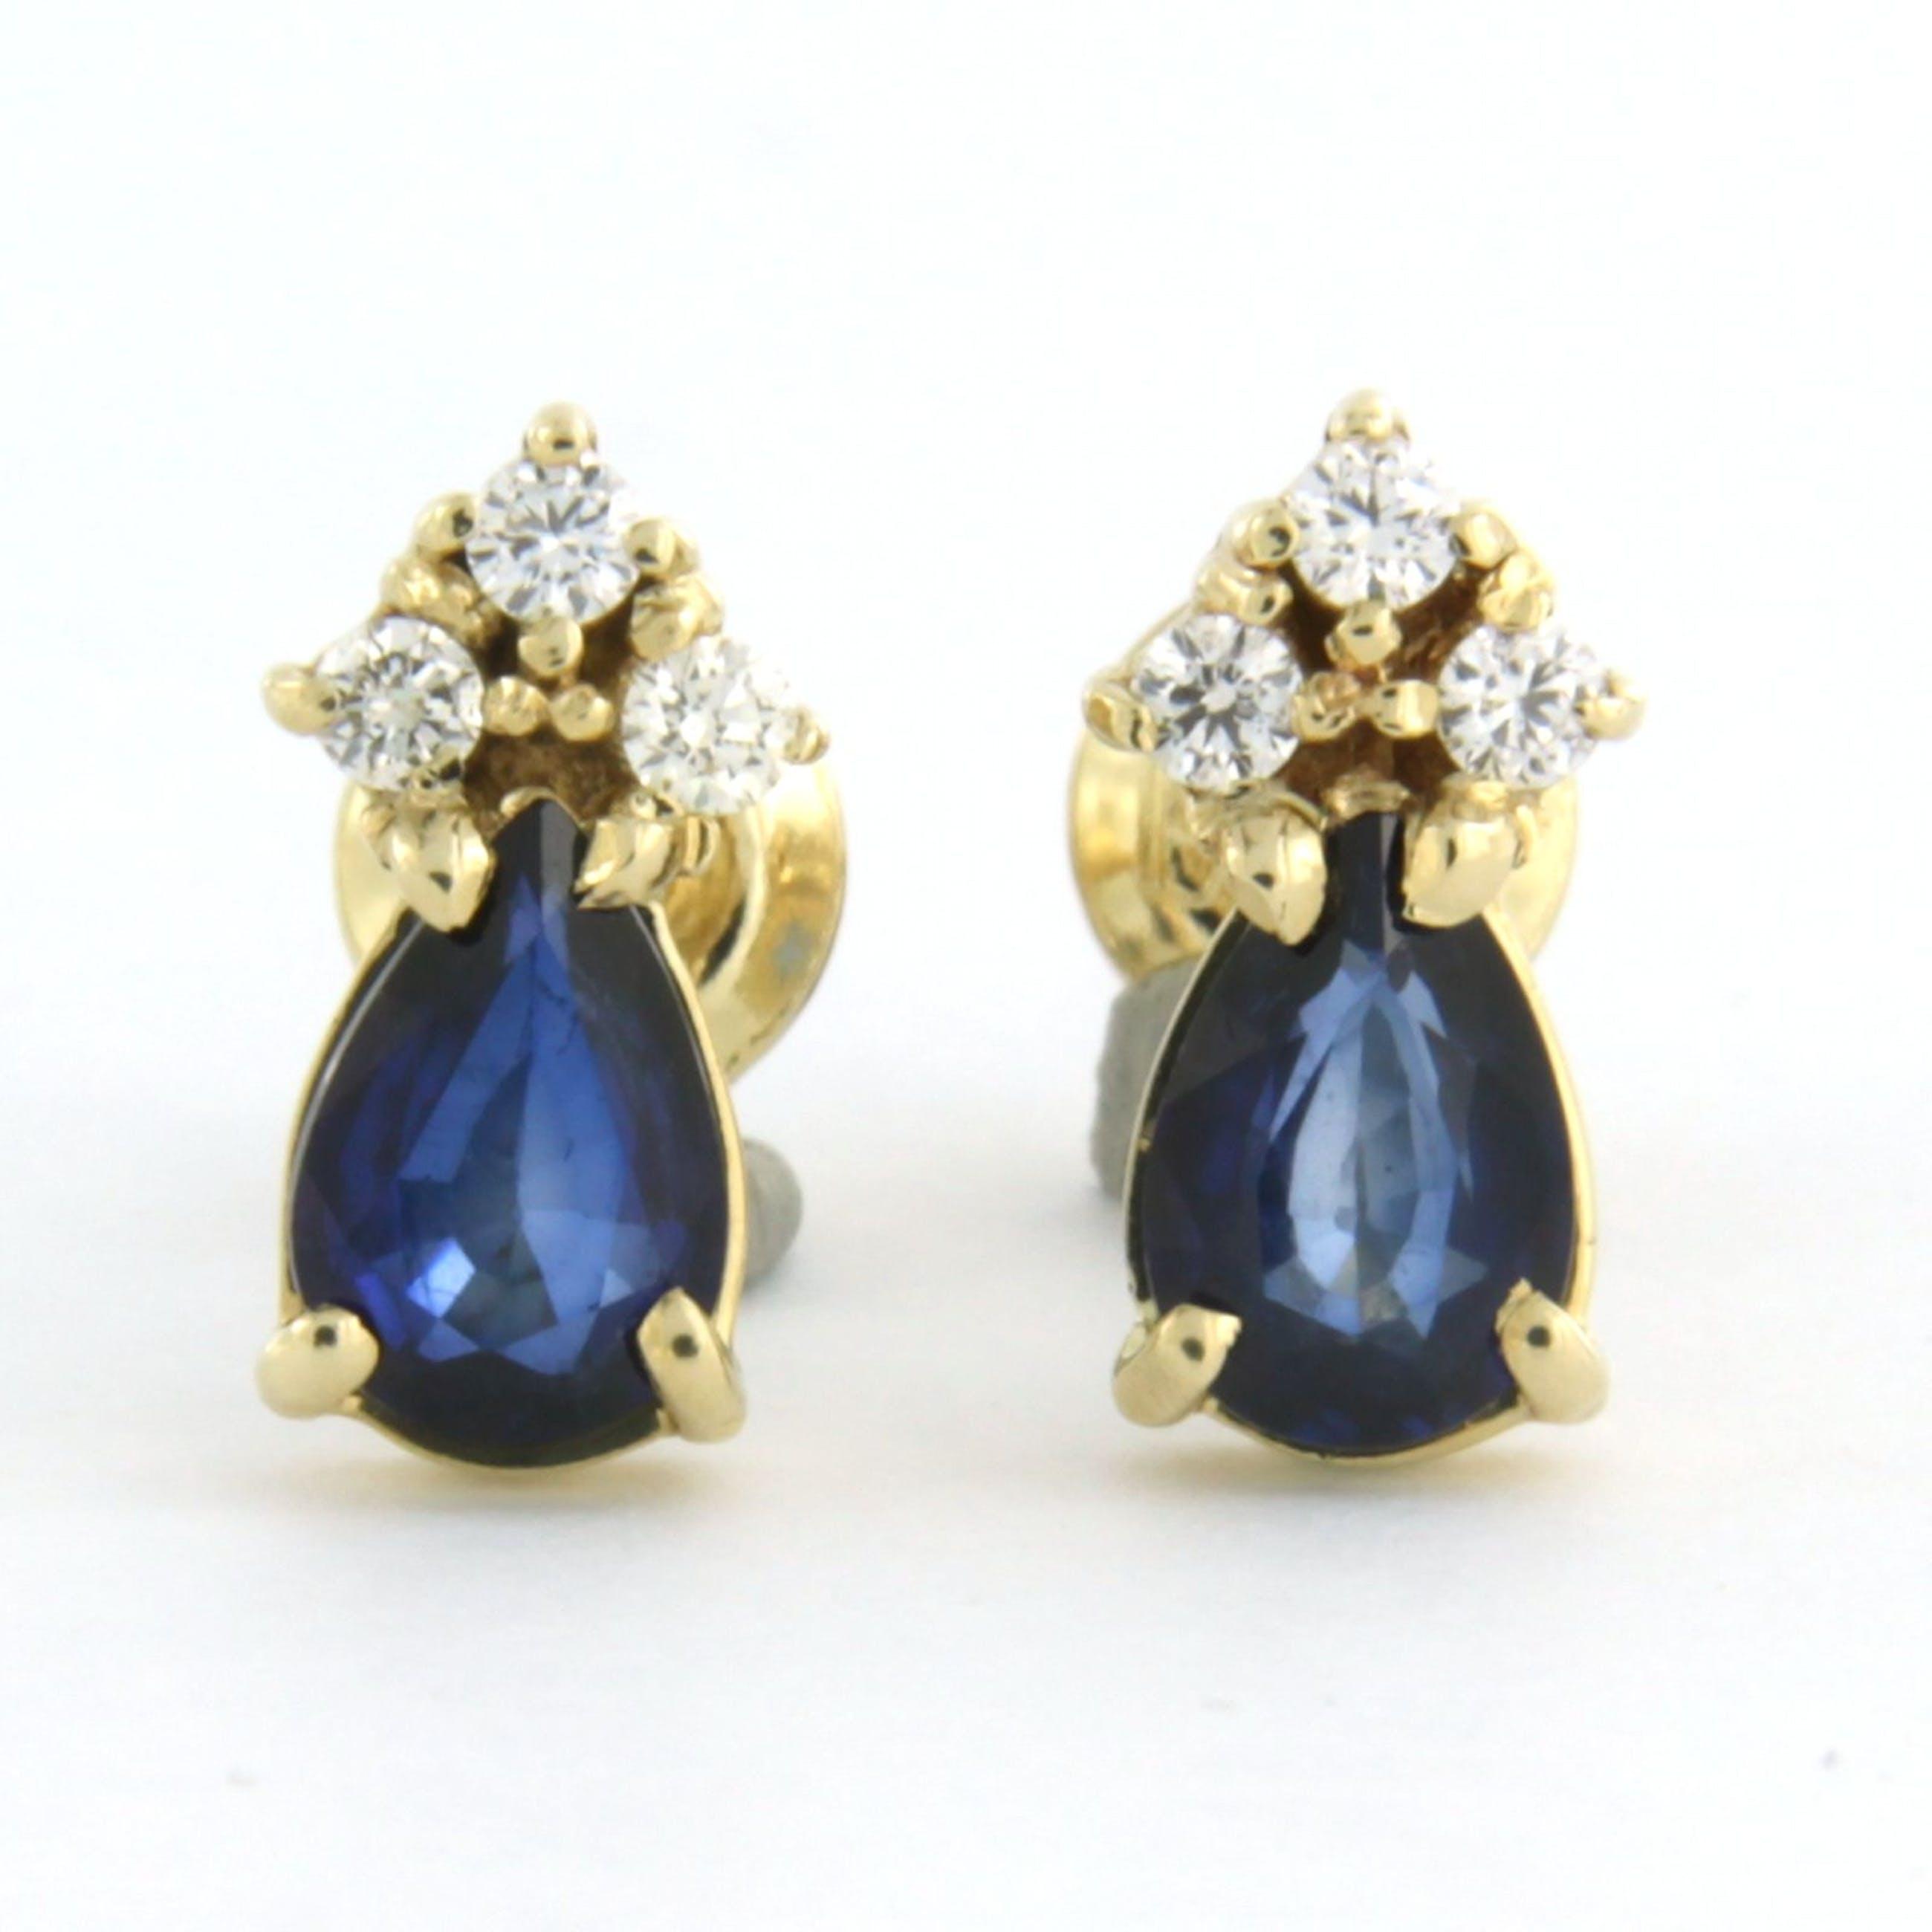 14k geelgouden oorknoppen bezet met saffier 1,20ct en briljant geslepen diamant kopen? Bied vanaf 260!